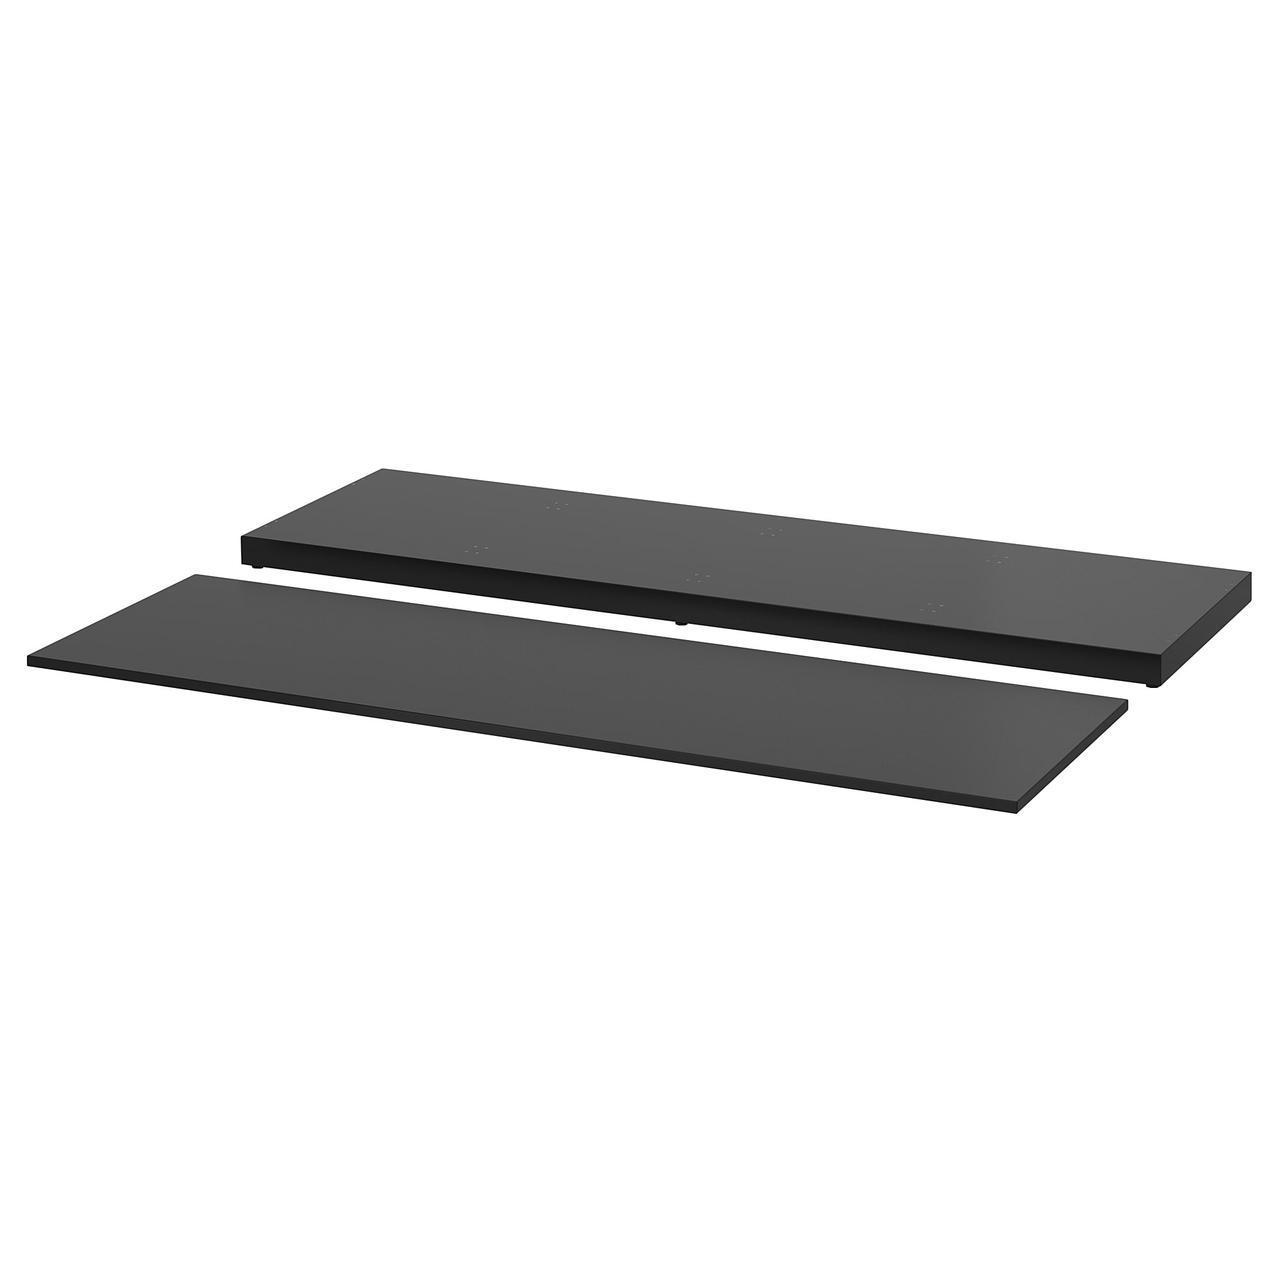 IKEA NORDLI (203.660.03) Верхняя панель и цоколь для модульного комода, антрацит